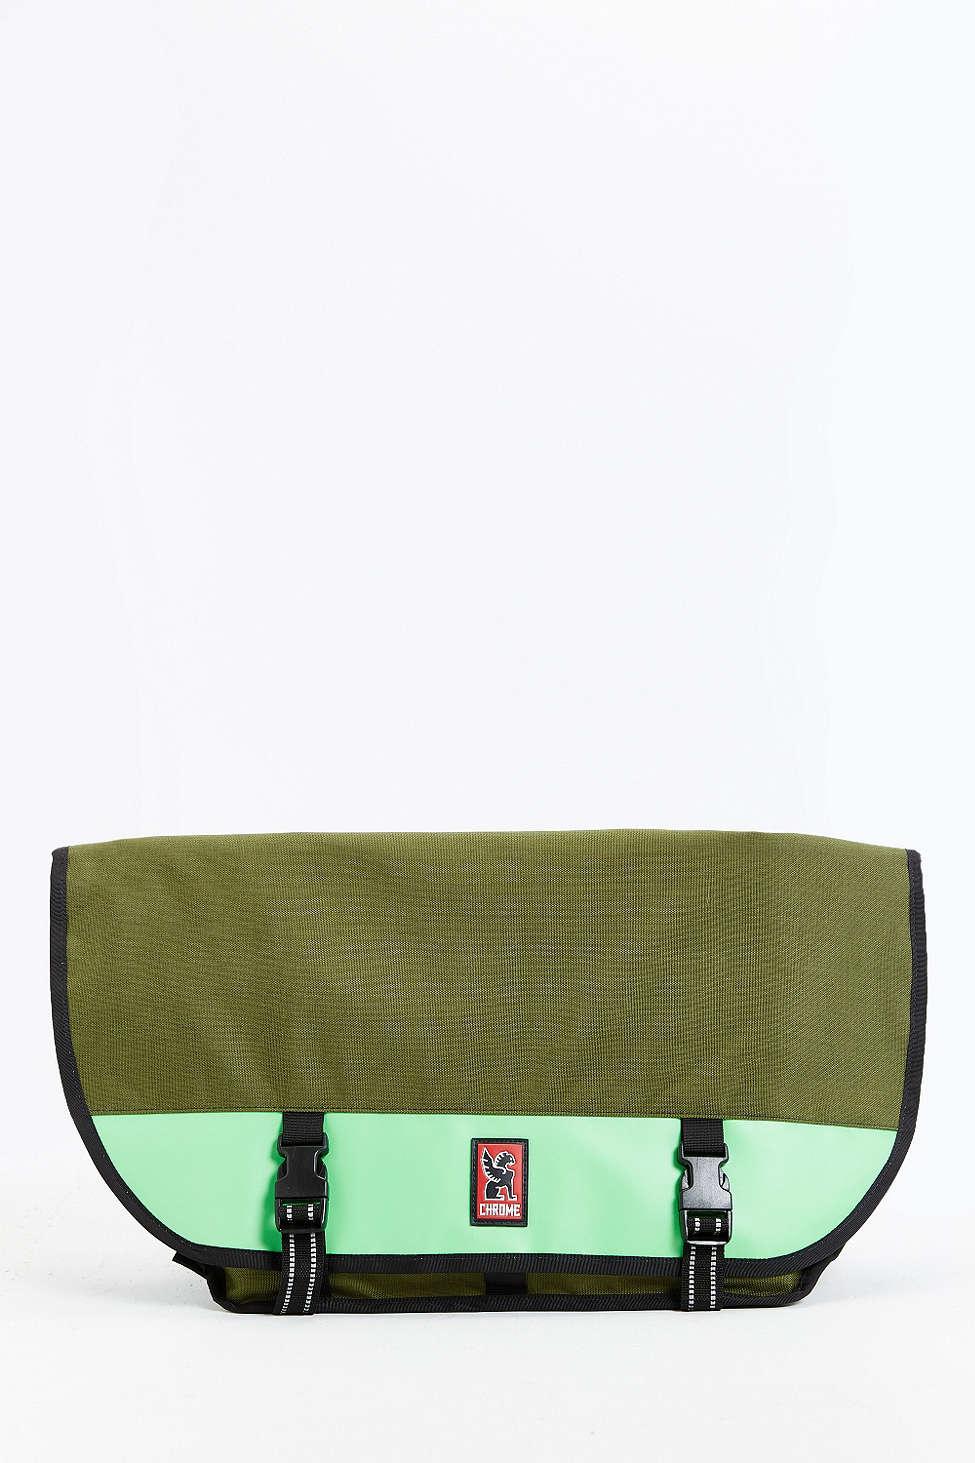 Lyst - Chrome Industries Mini Metro Messenger Bag in Green for Men 45abb63e76b0f